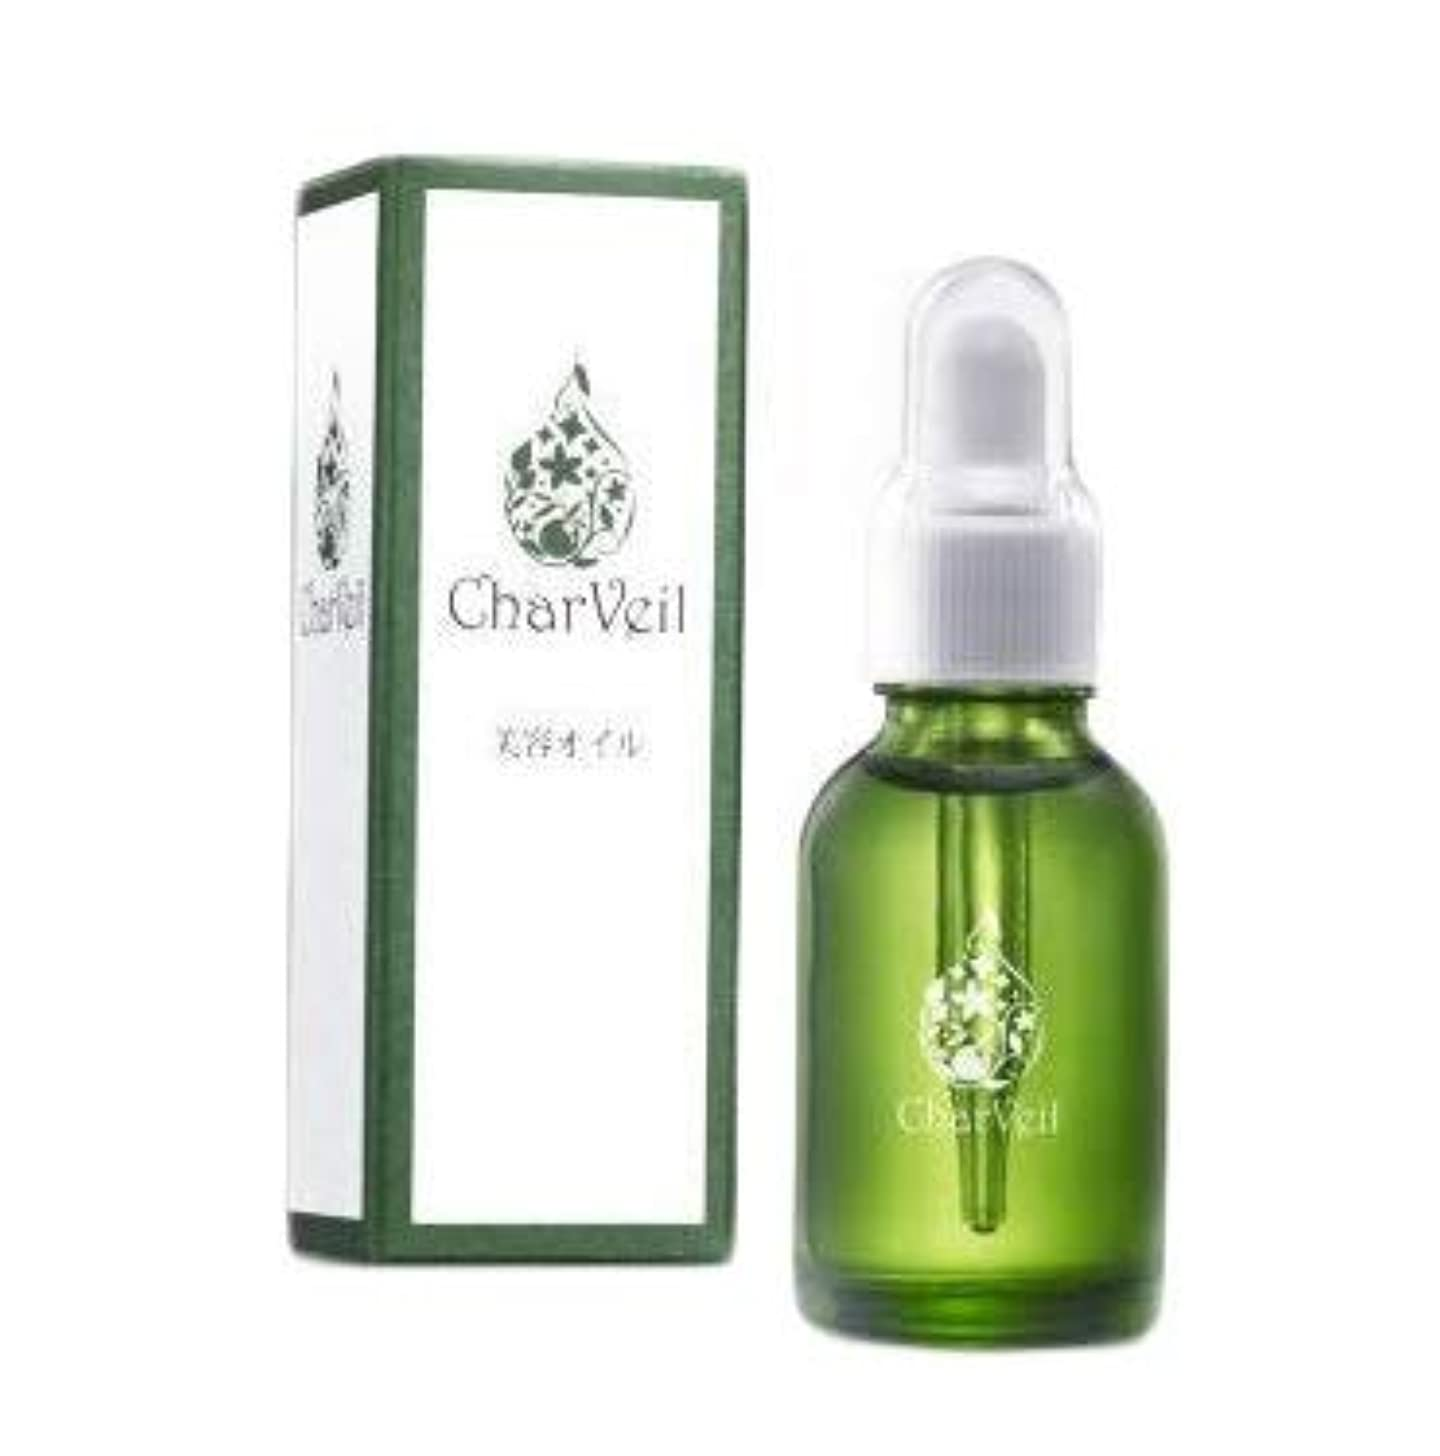 マングルメニュー娘CharVeil(シャルヴェール) 美容オイル スクワラン セラミド 天然植物オイル配合 20ml